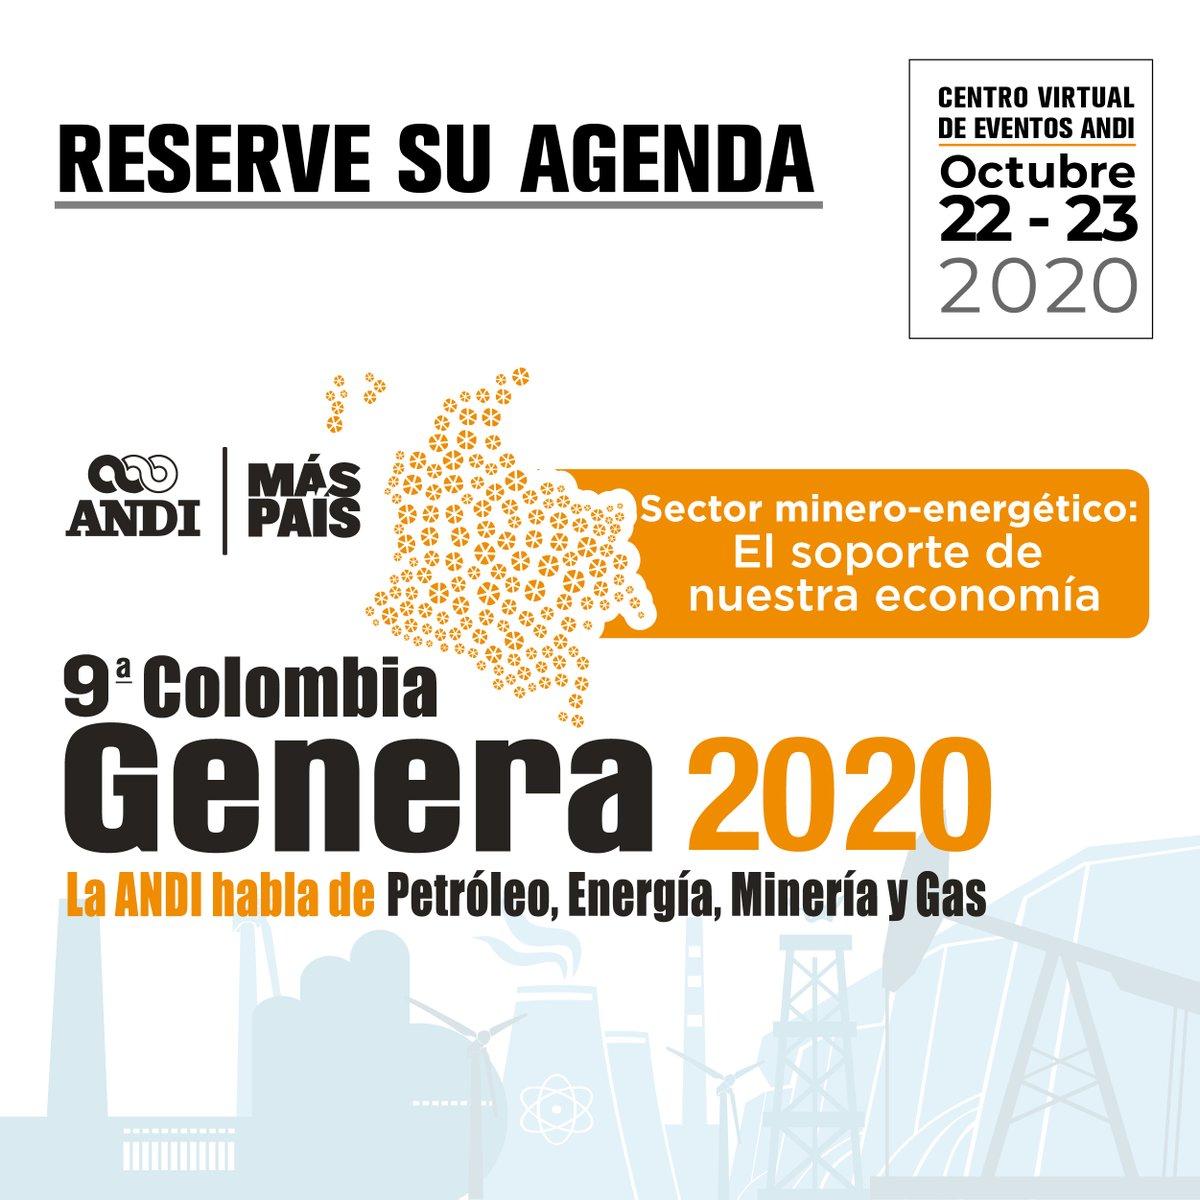 Del 22 al 23 de octubre se debatirá el futuro de la matriz energética en el país durante la 9a. #ColombiaGenera que tendrá lugar en el Centro Virtual de Eventos de la ANDI. Más información sobre este evento: https://t.co/DuUXJorbEJ https://t.co/W6b5ptofAF